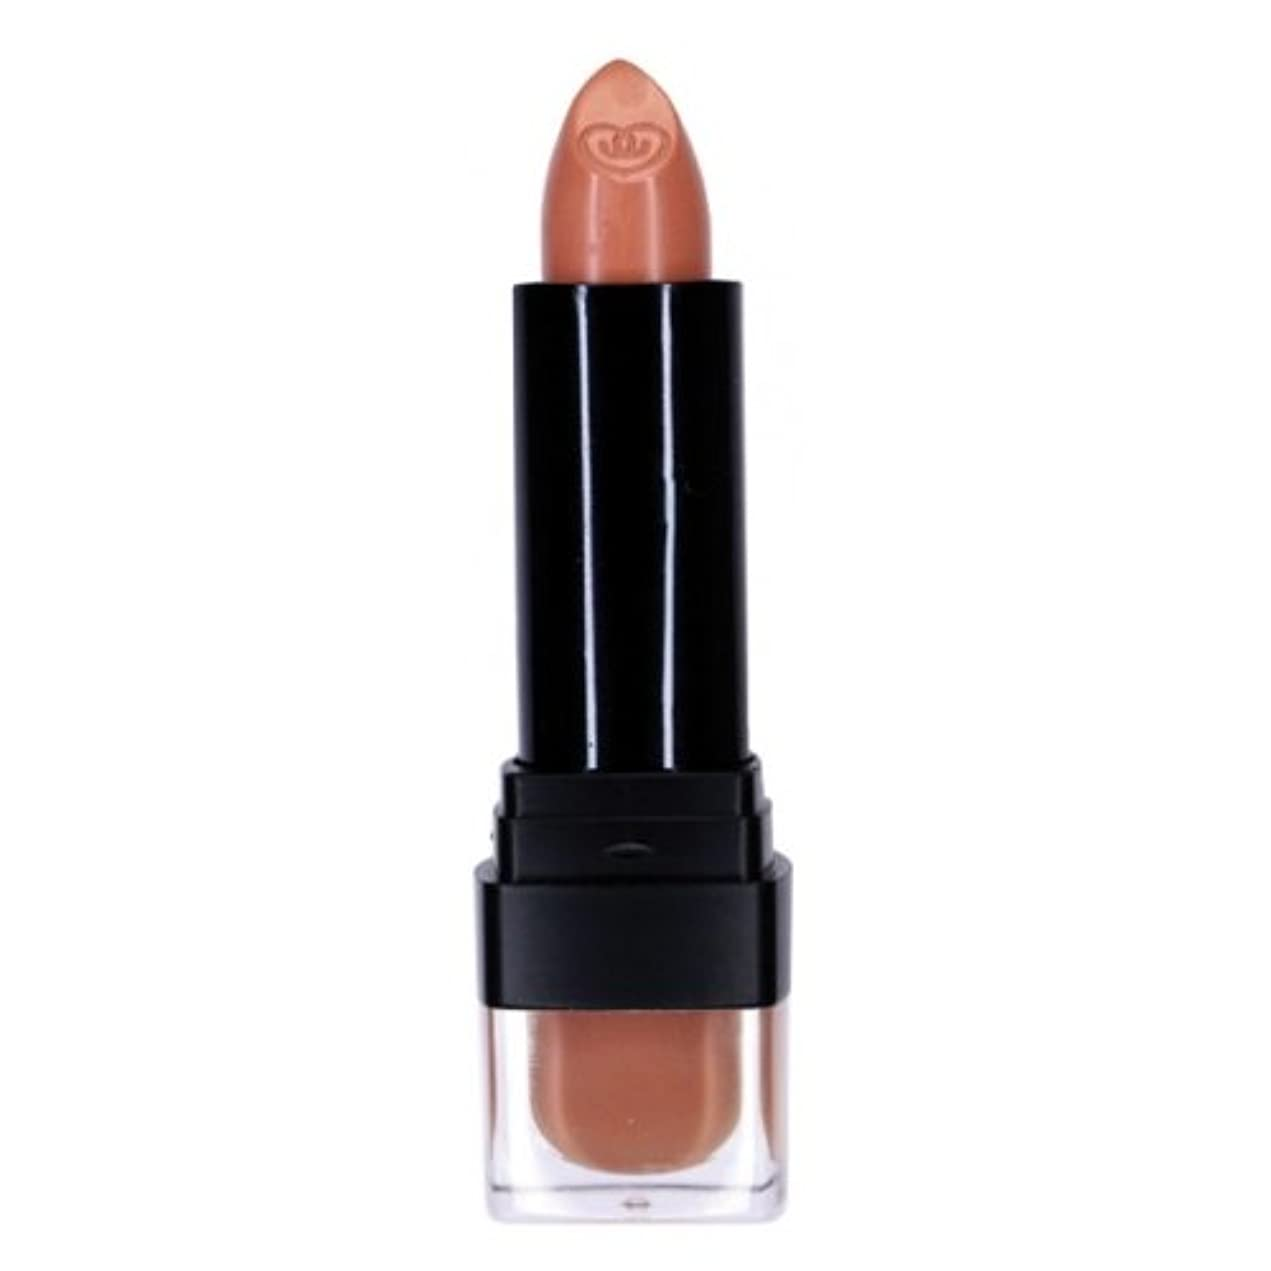 問い合わせ句読点スリットCITY COLOR City Chick Lipstick - Bare With Me (並行輸入品)